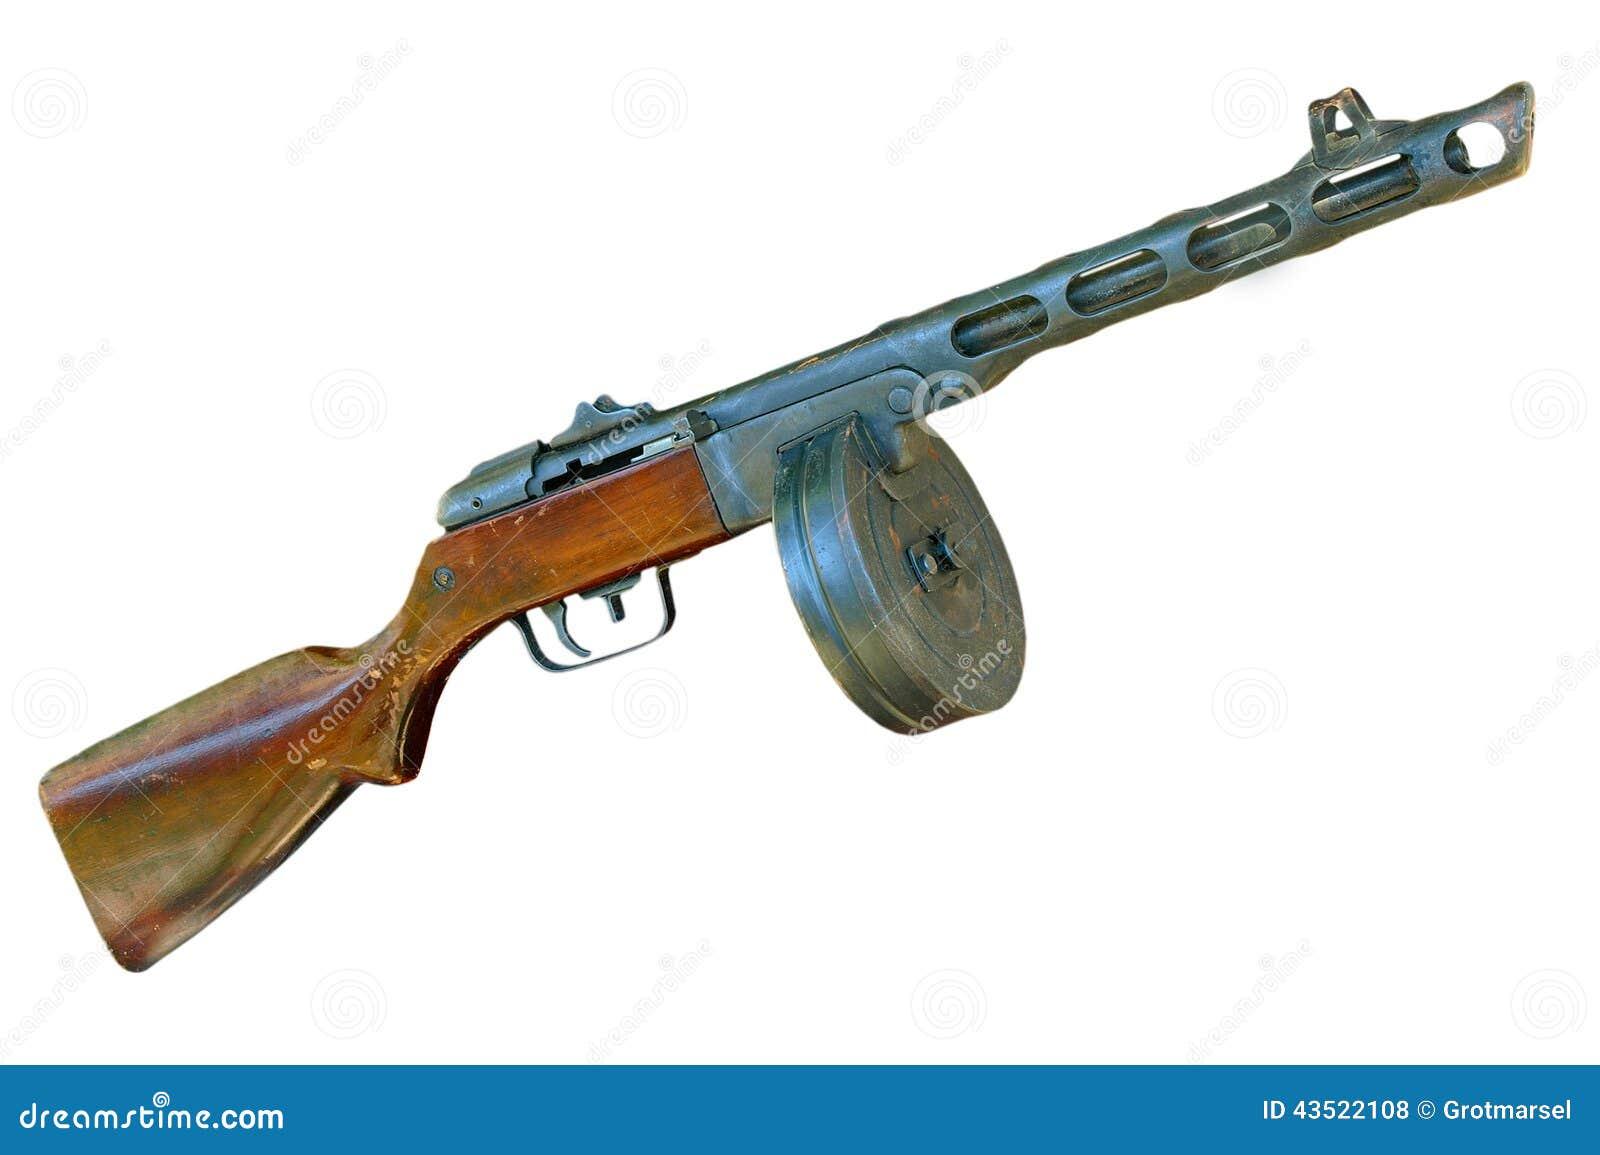 machine gun thumbs up